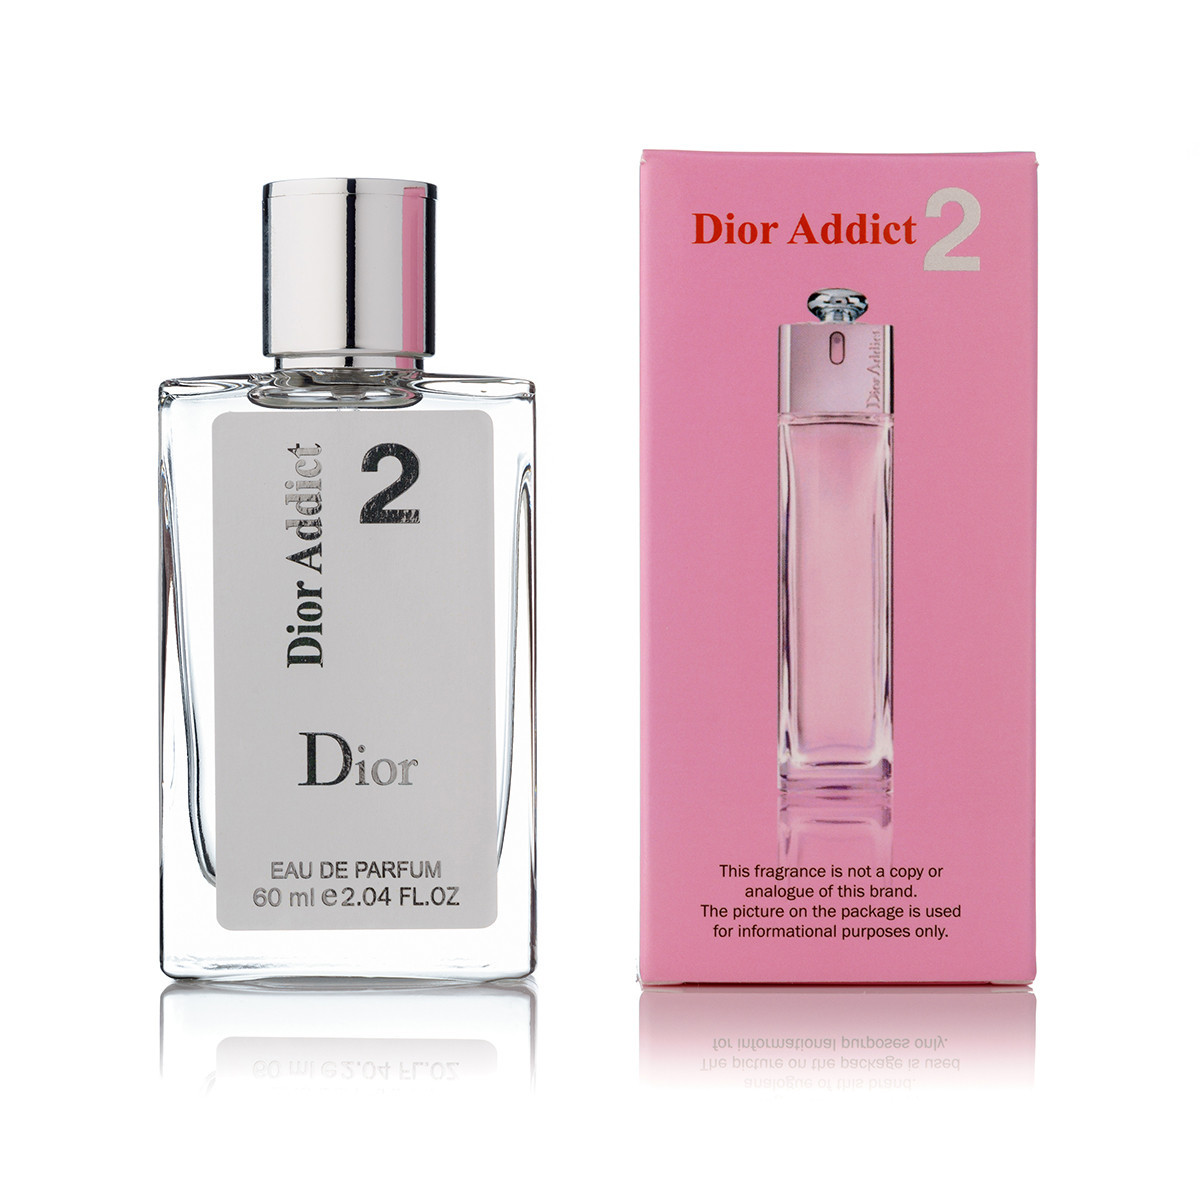 Женский парфюм Dior Addict 2 (диор аддикт 2) (реплика) тестер 60 ml